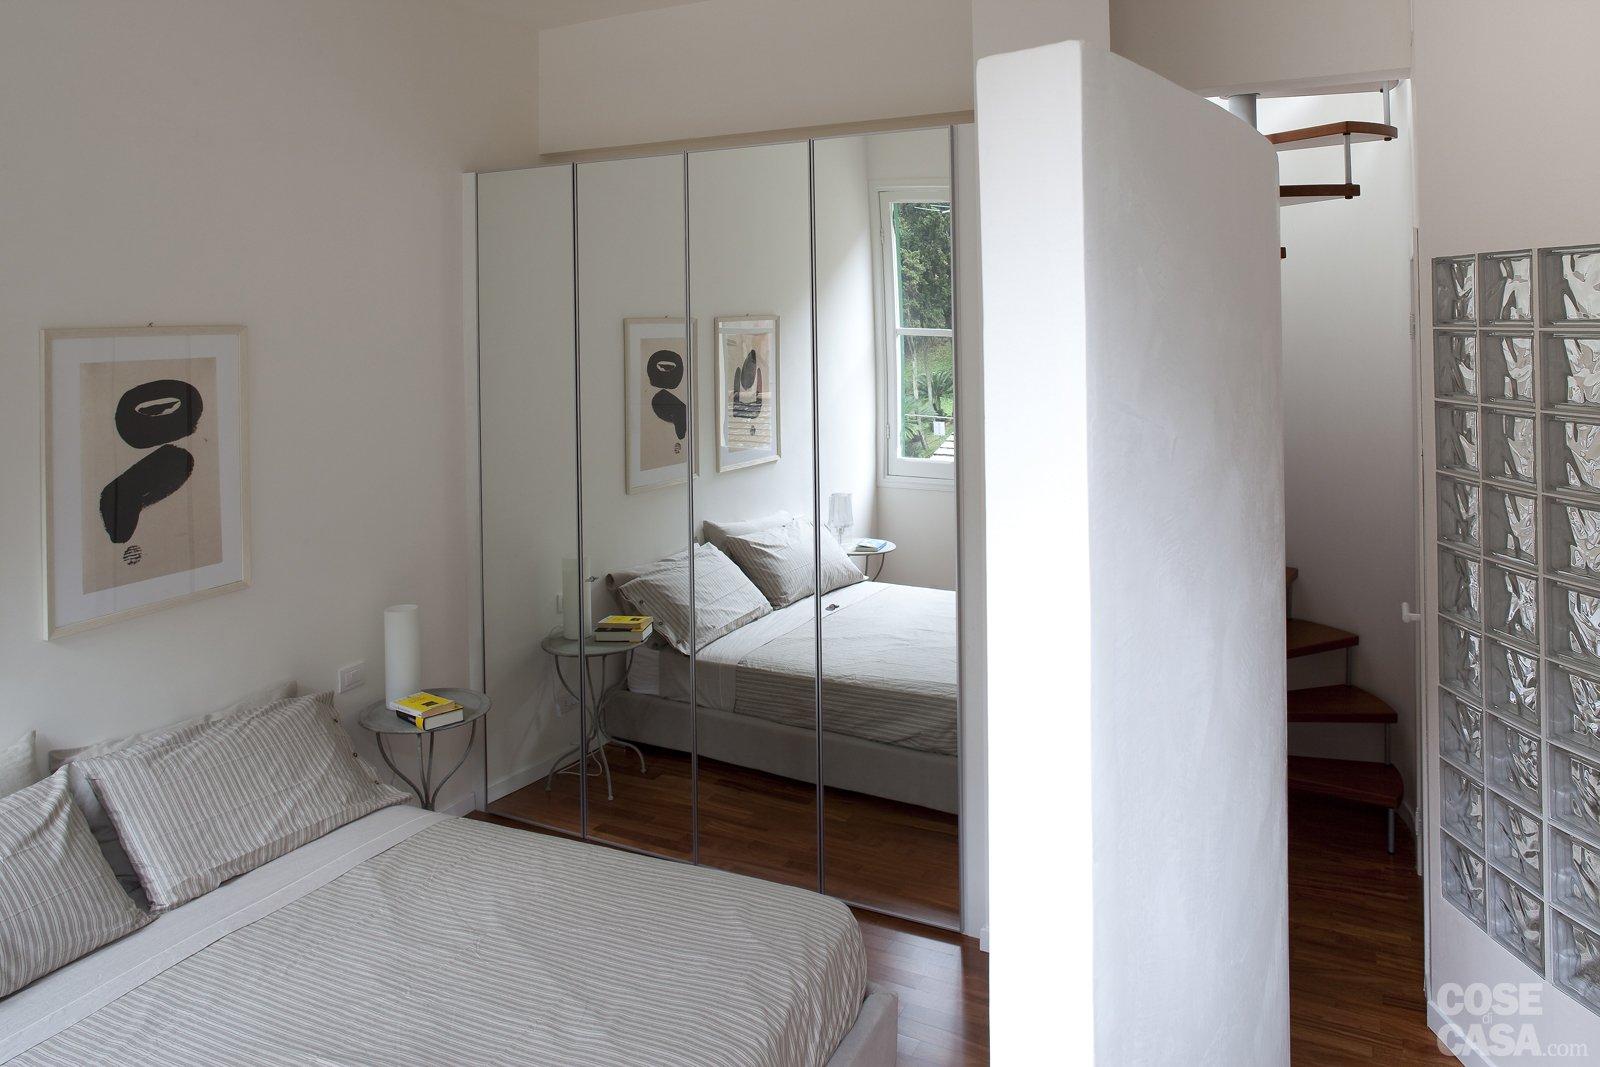 48 mq bilocale su due livelli cose di casa for Case piccole da arredare